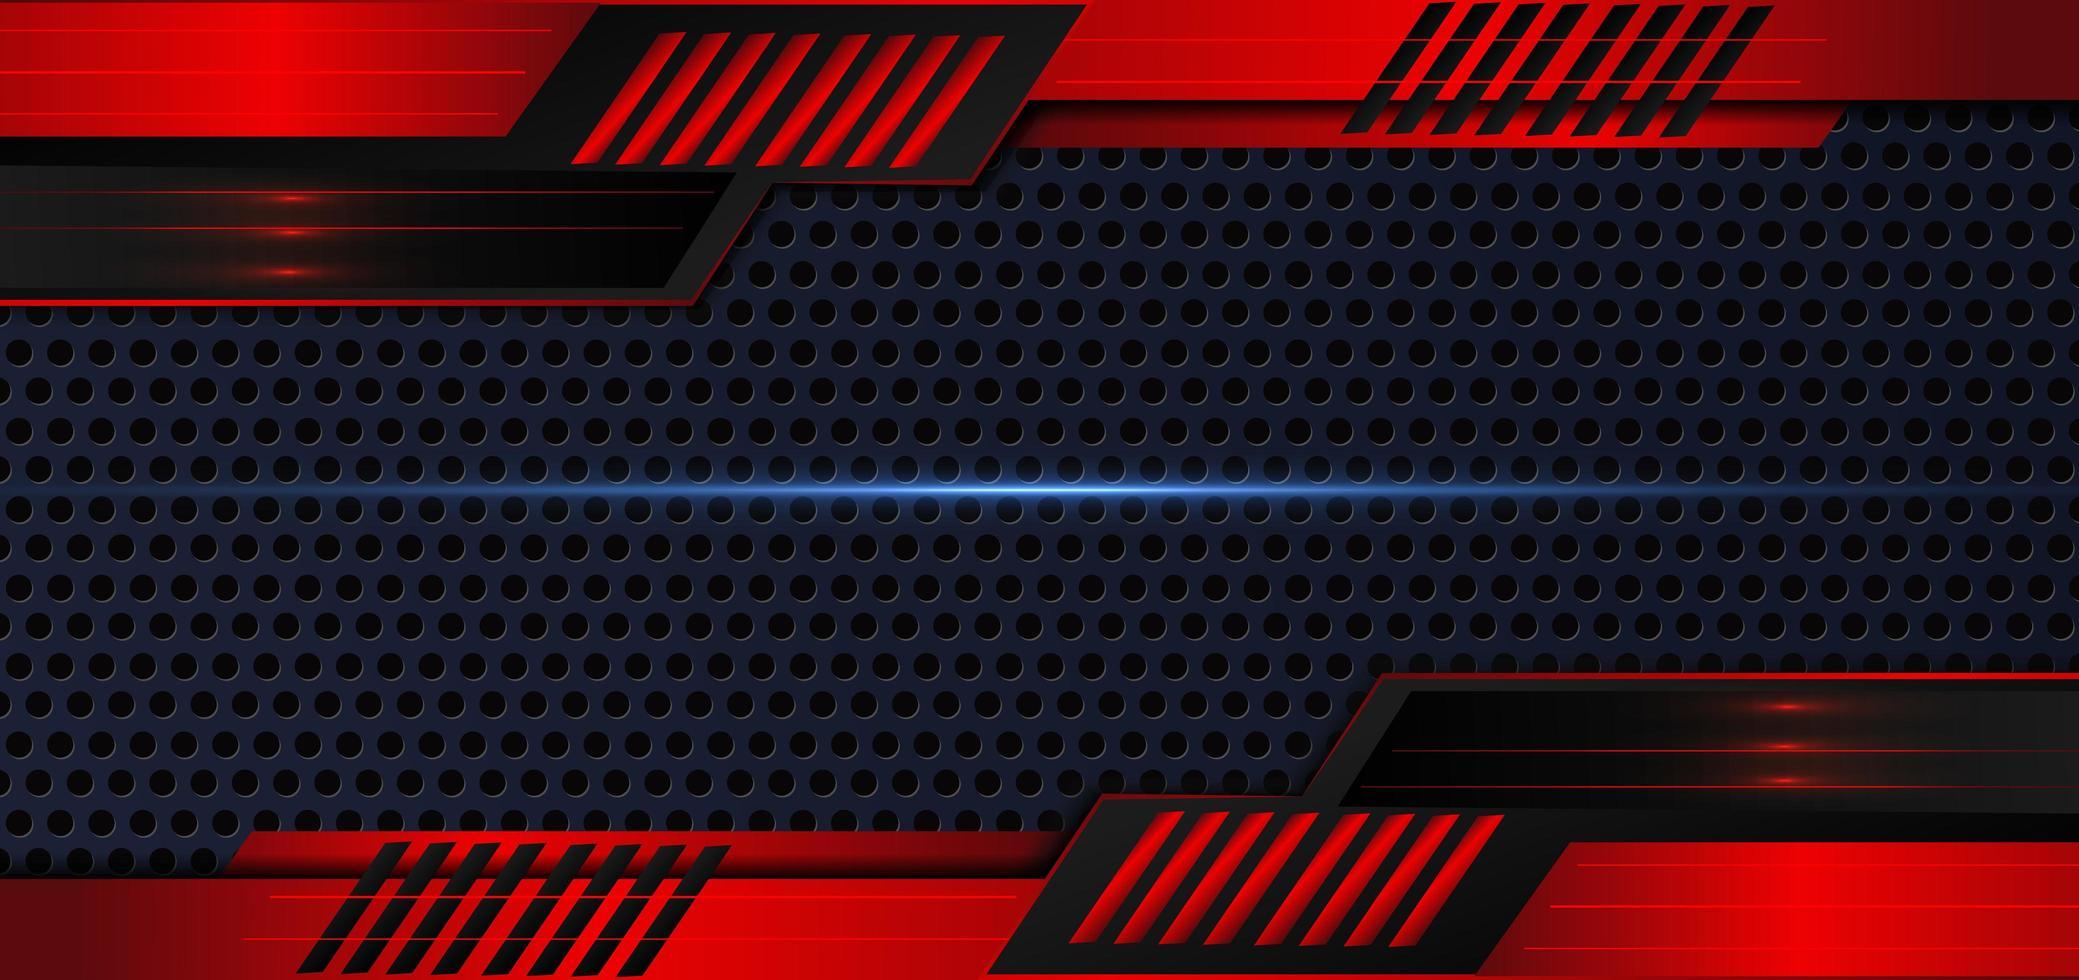 sfondo metallico astratto rosso e nero vettore